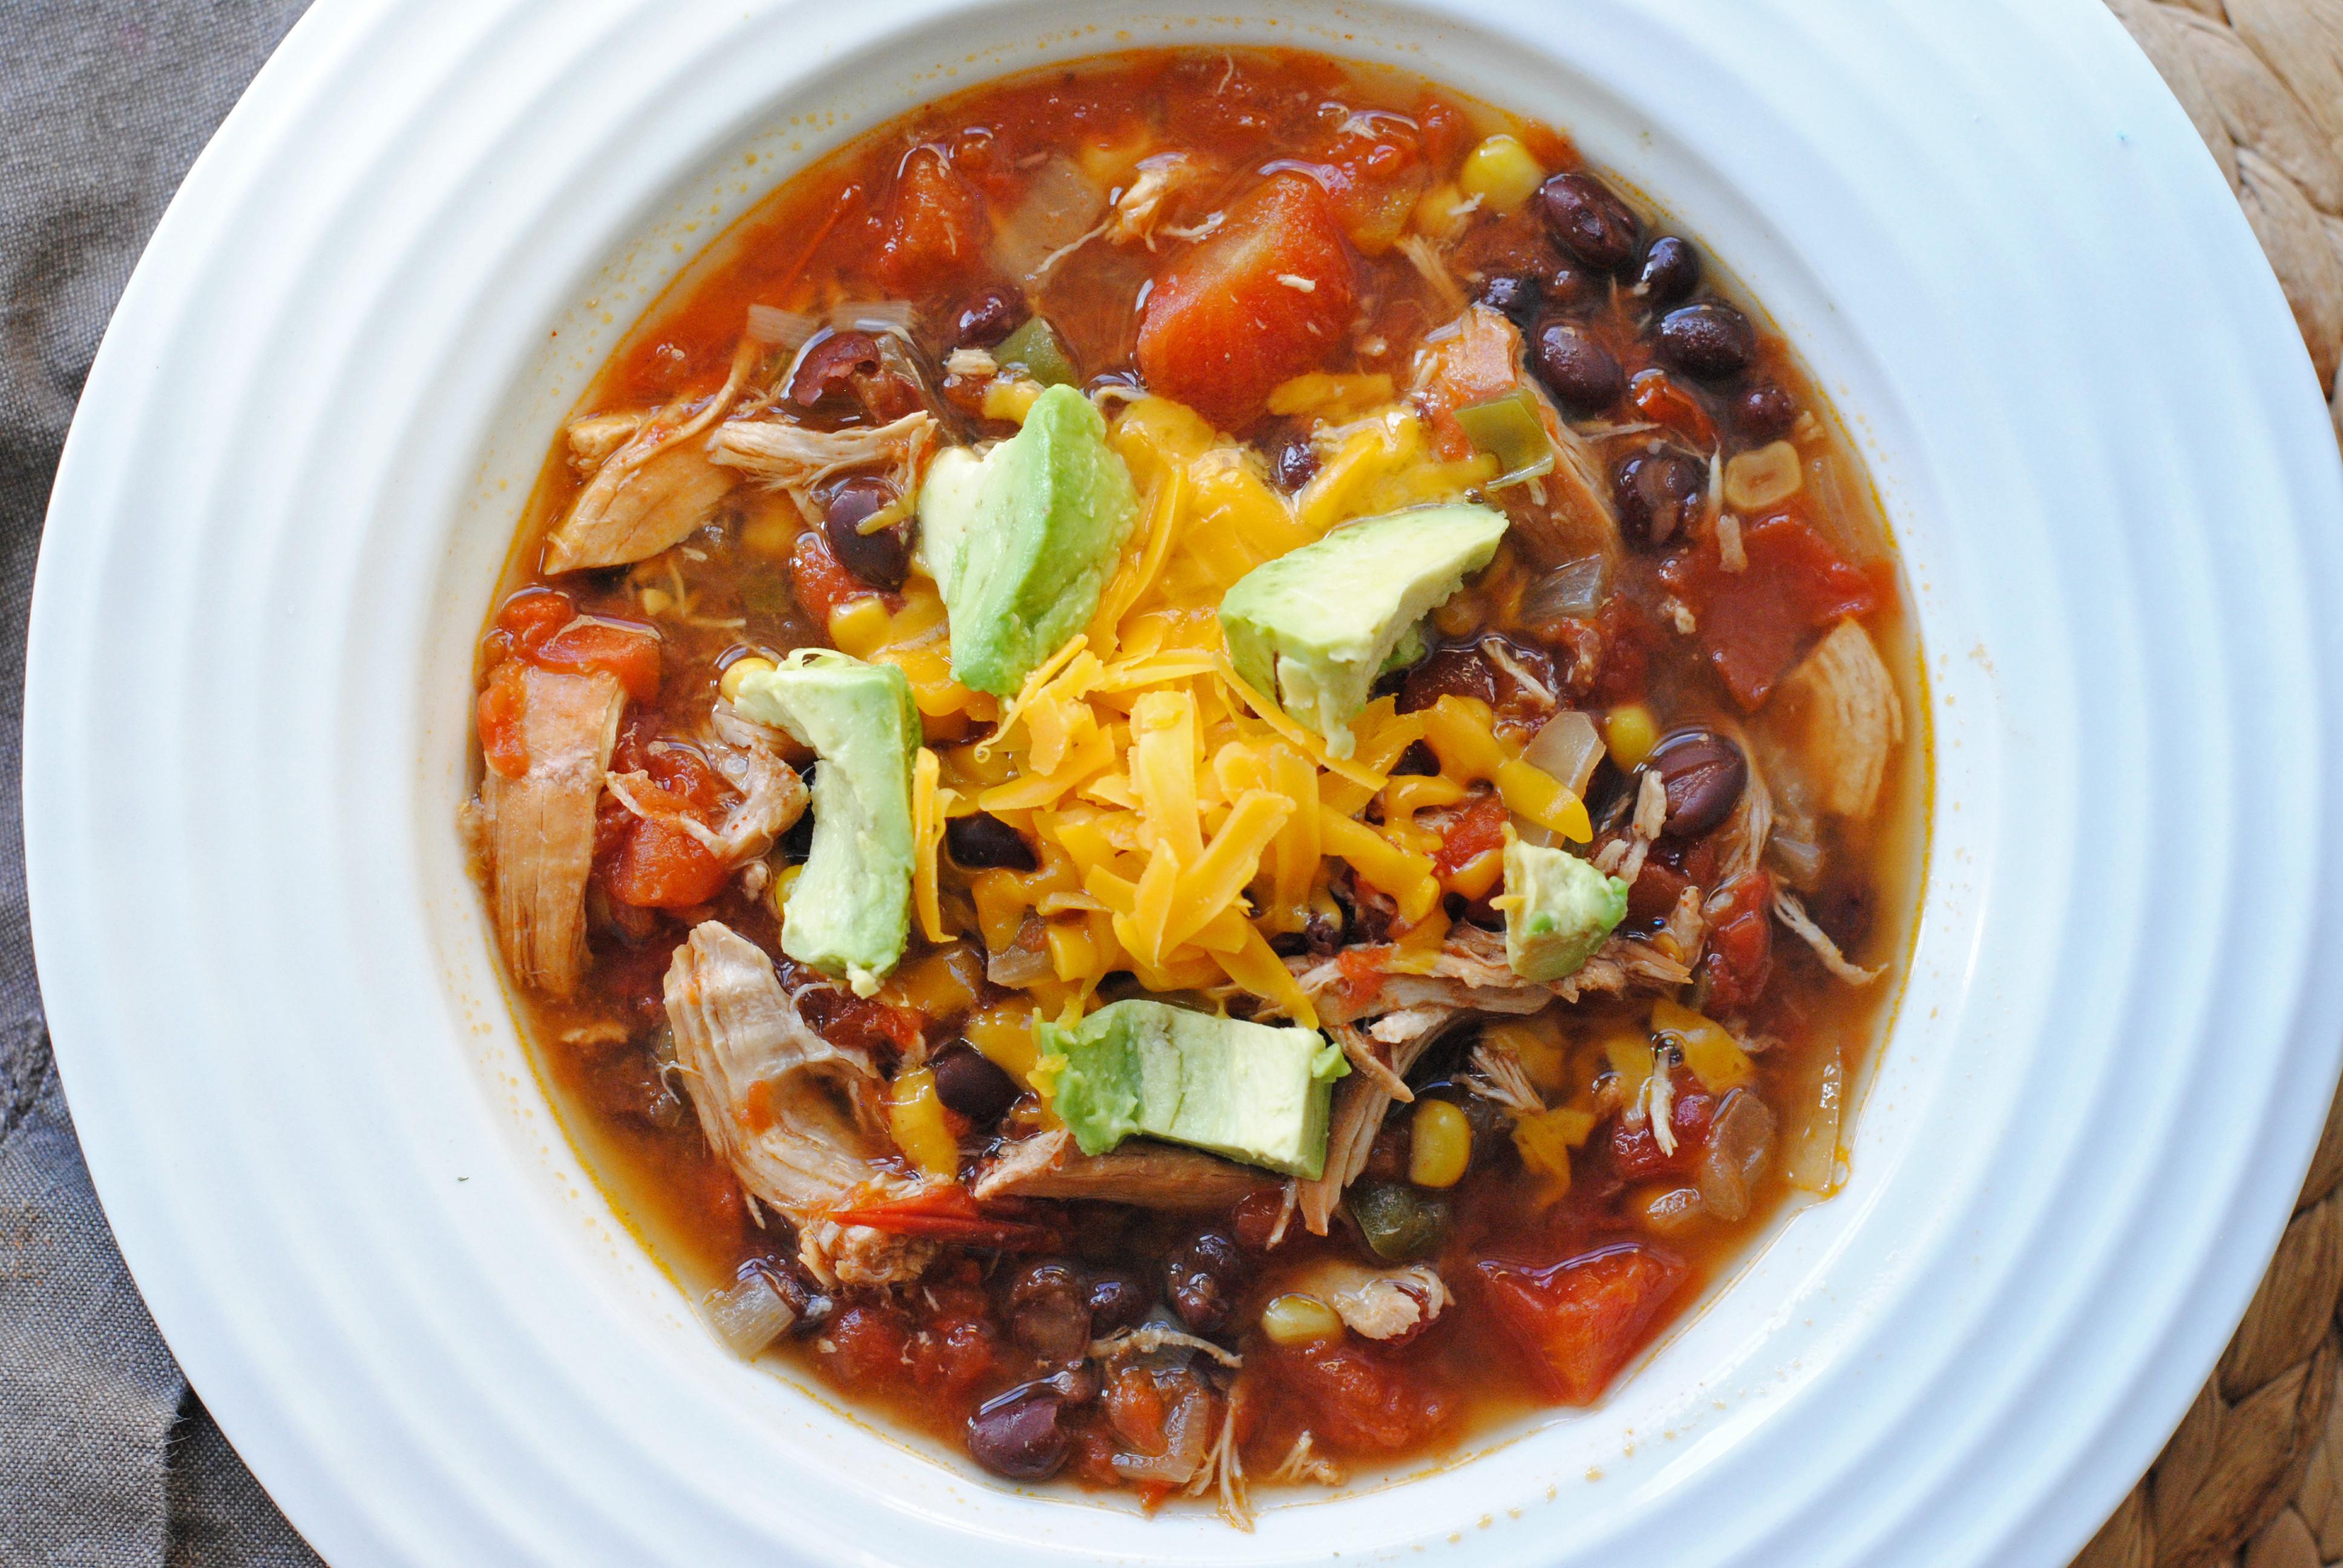 Healthy Crockpot Soups  HEALTHY CROCK POT RECIPES TORTILLA SOUP